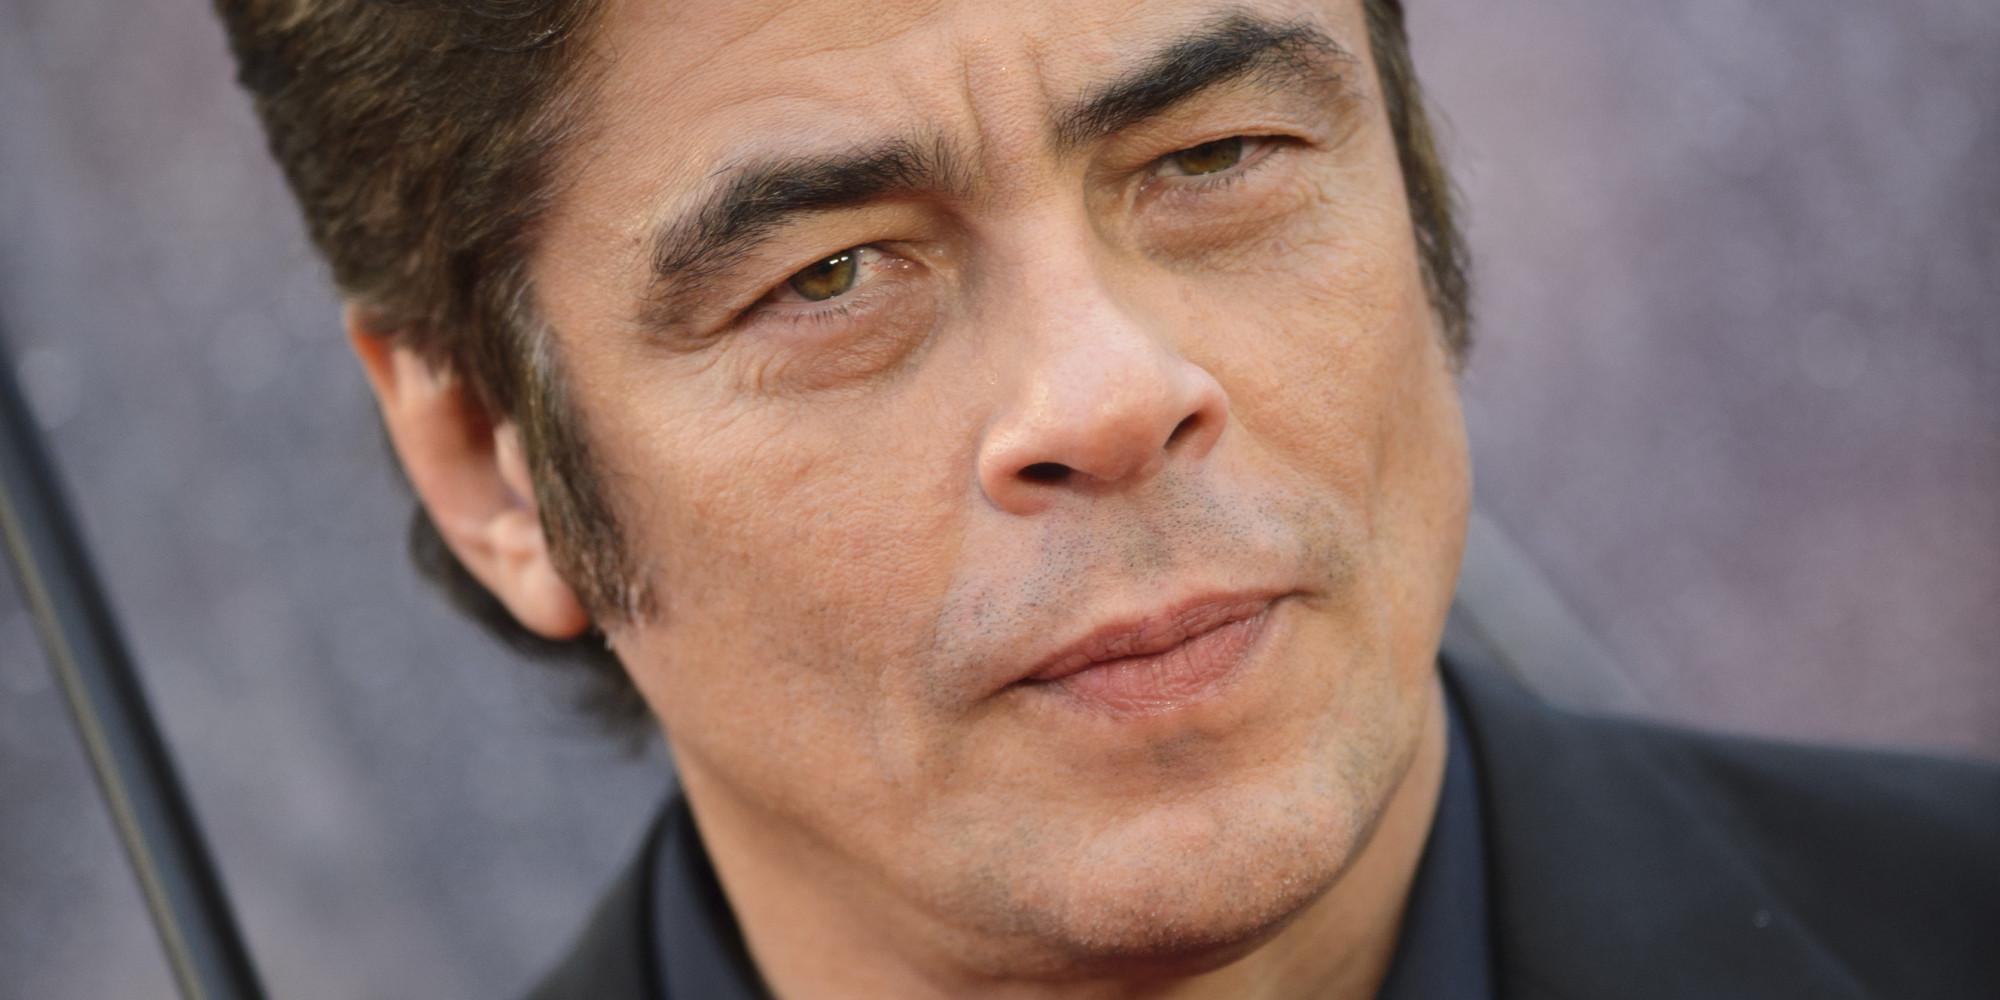 'Star Wars' Star Benicio Del Toro Reveals Fears For Role